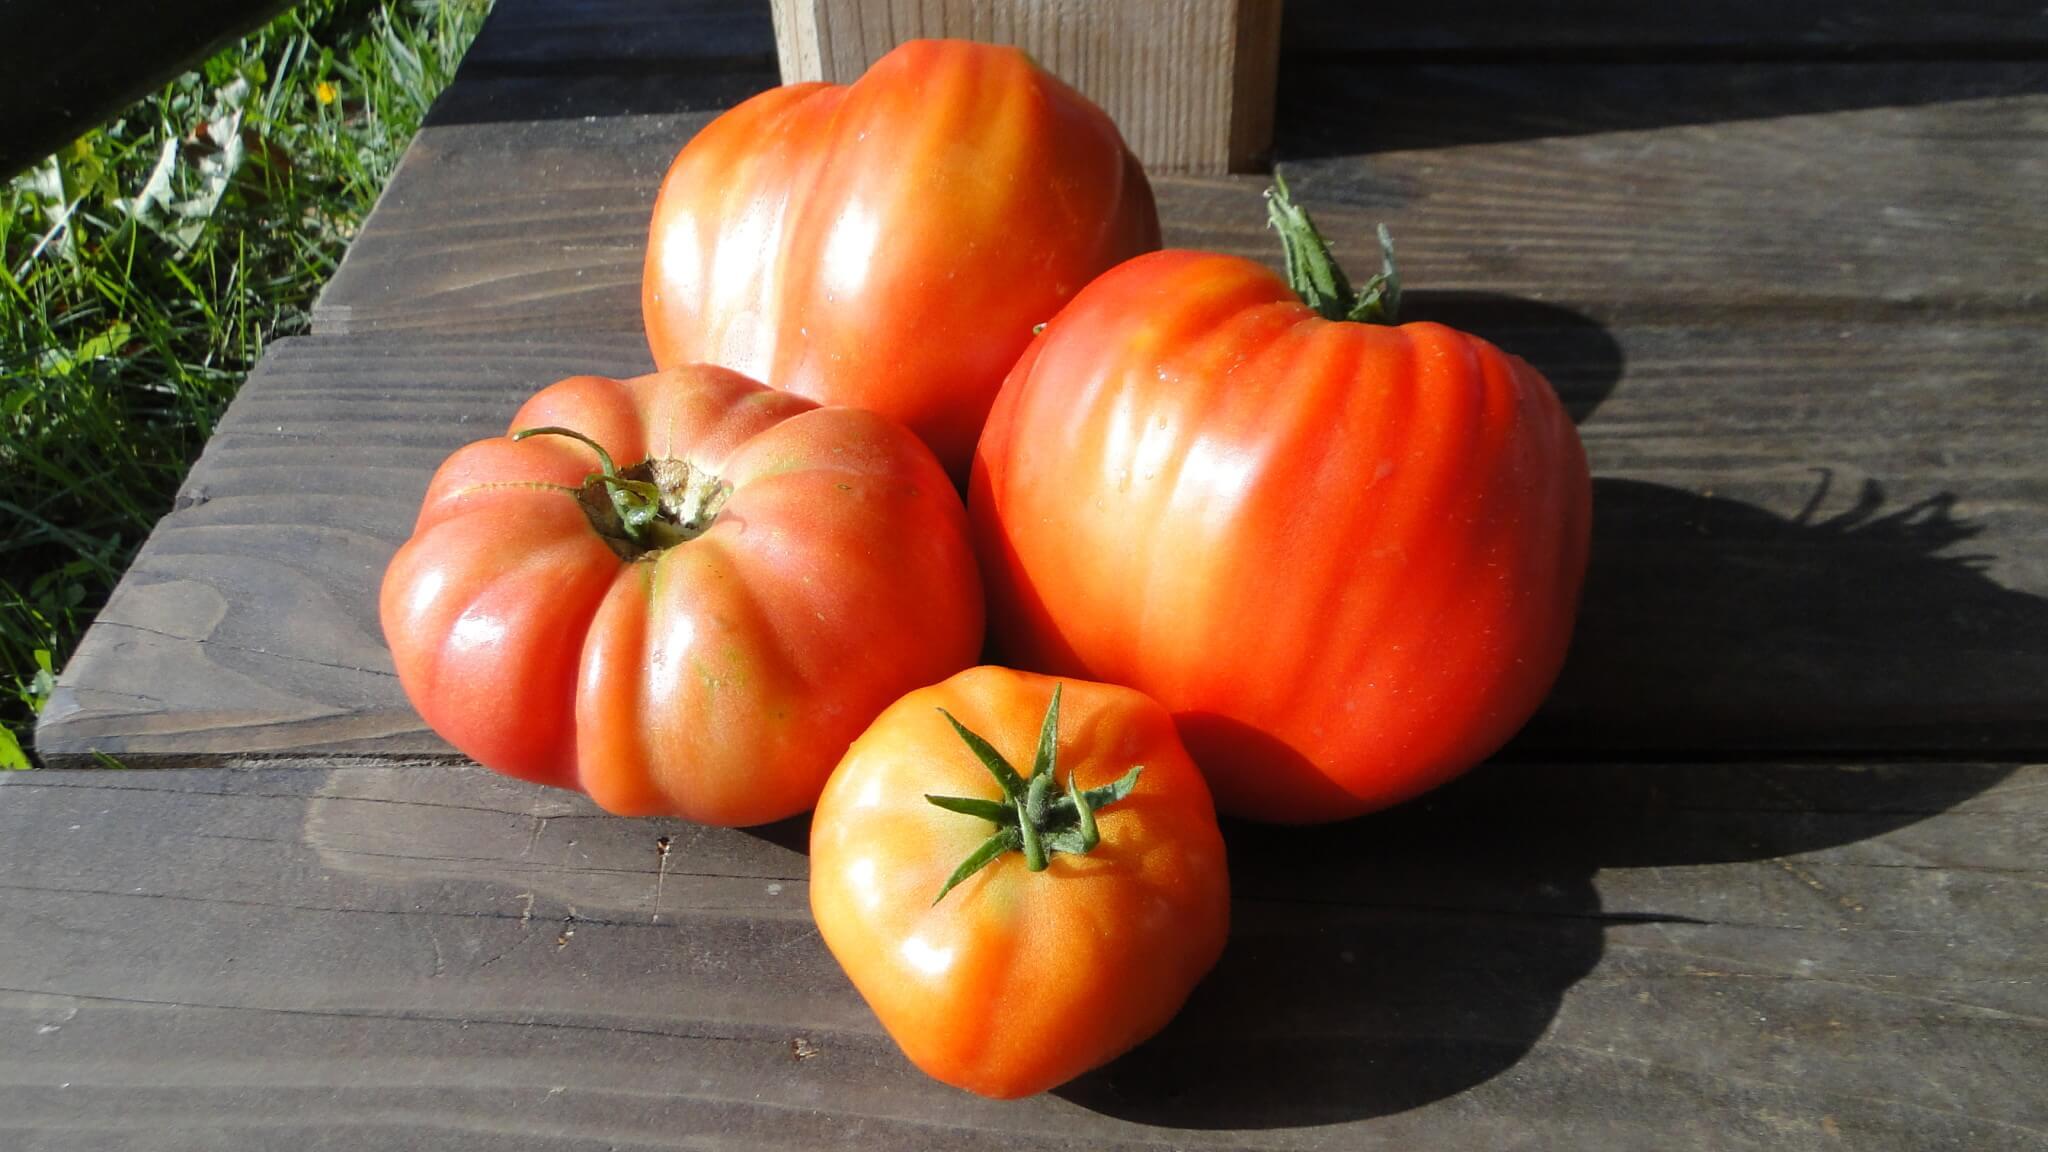 Zbiory pomidorów isłoneczników 4